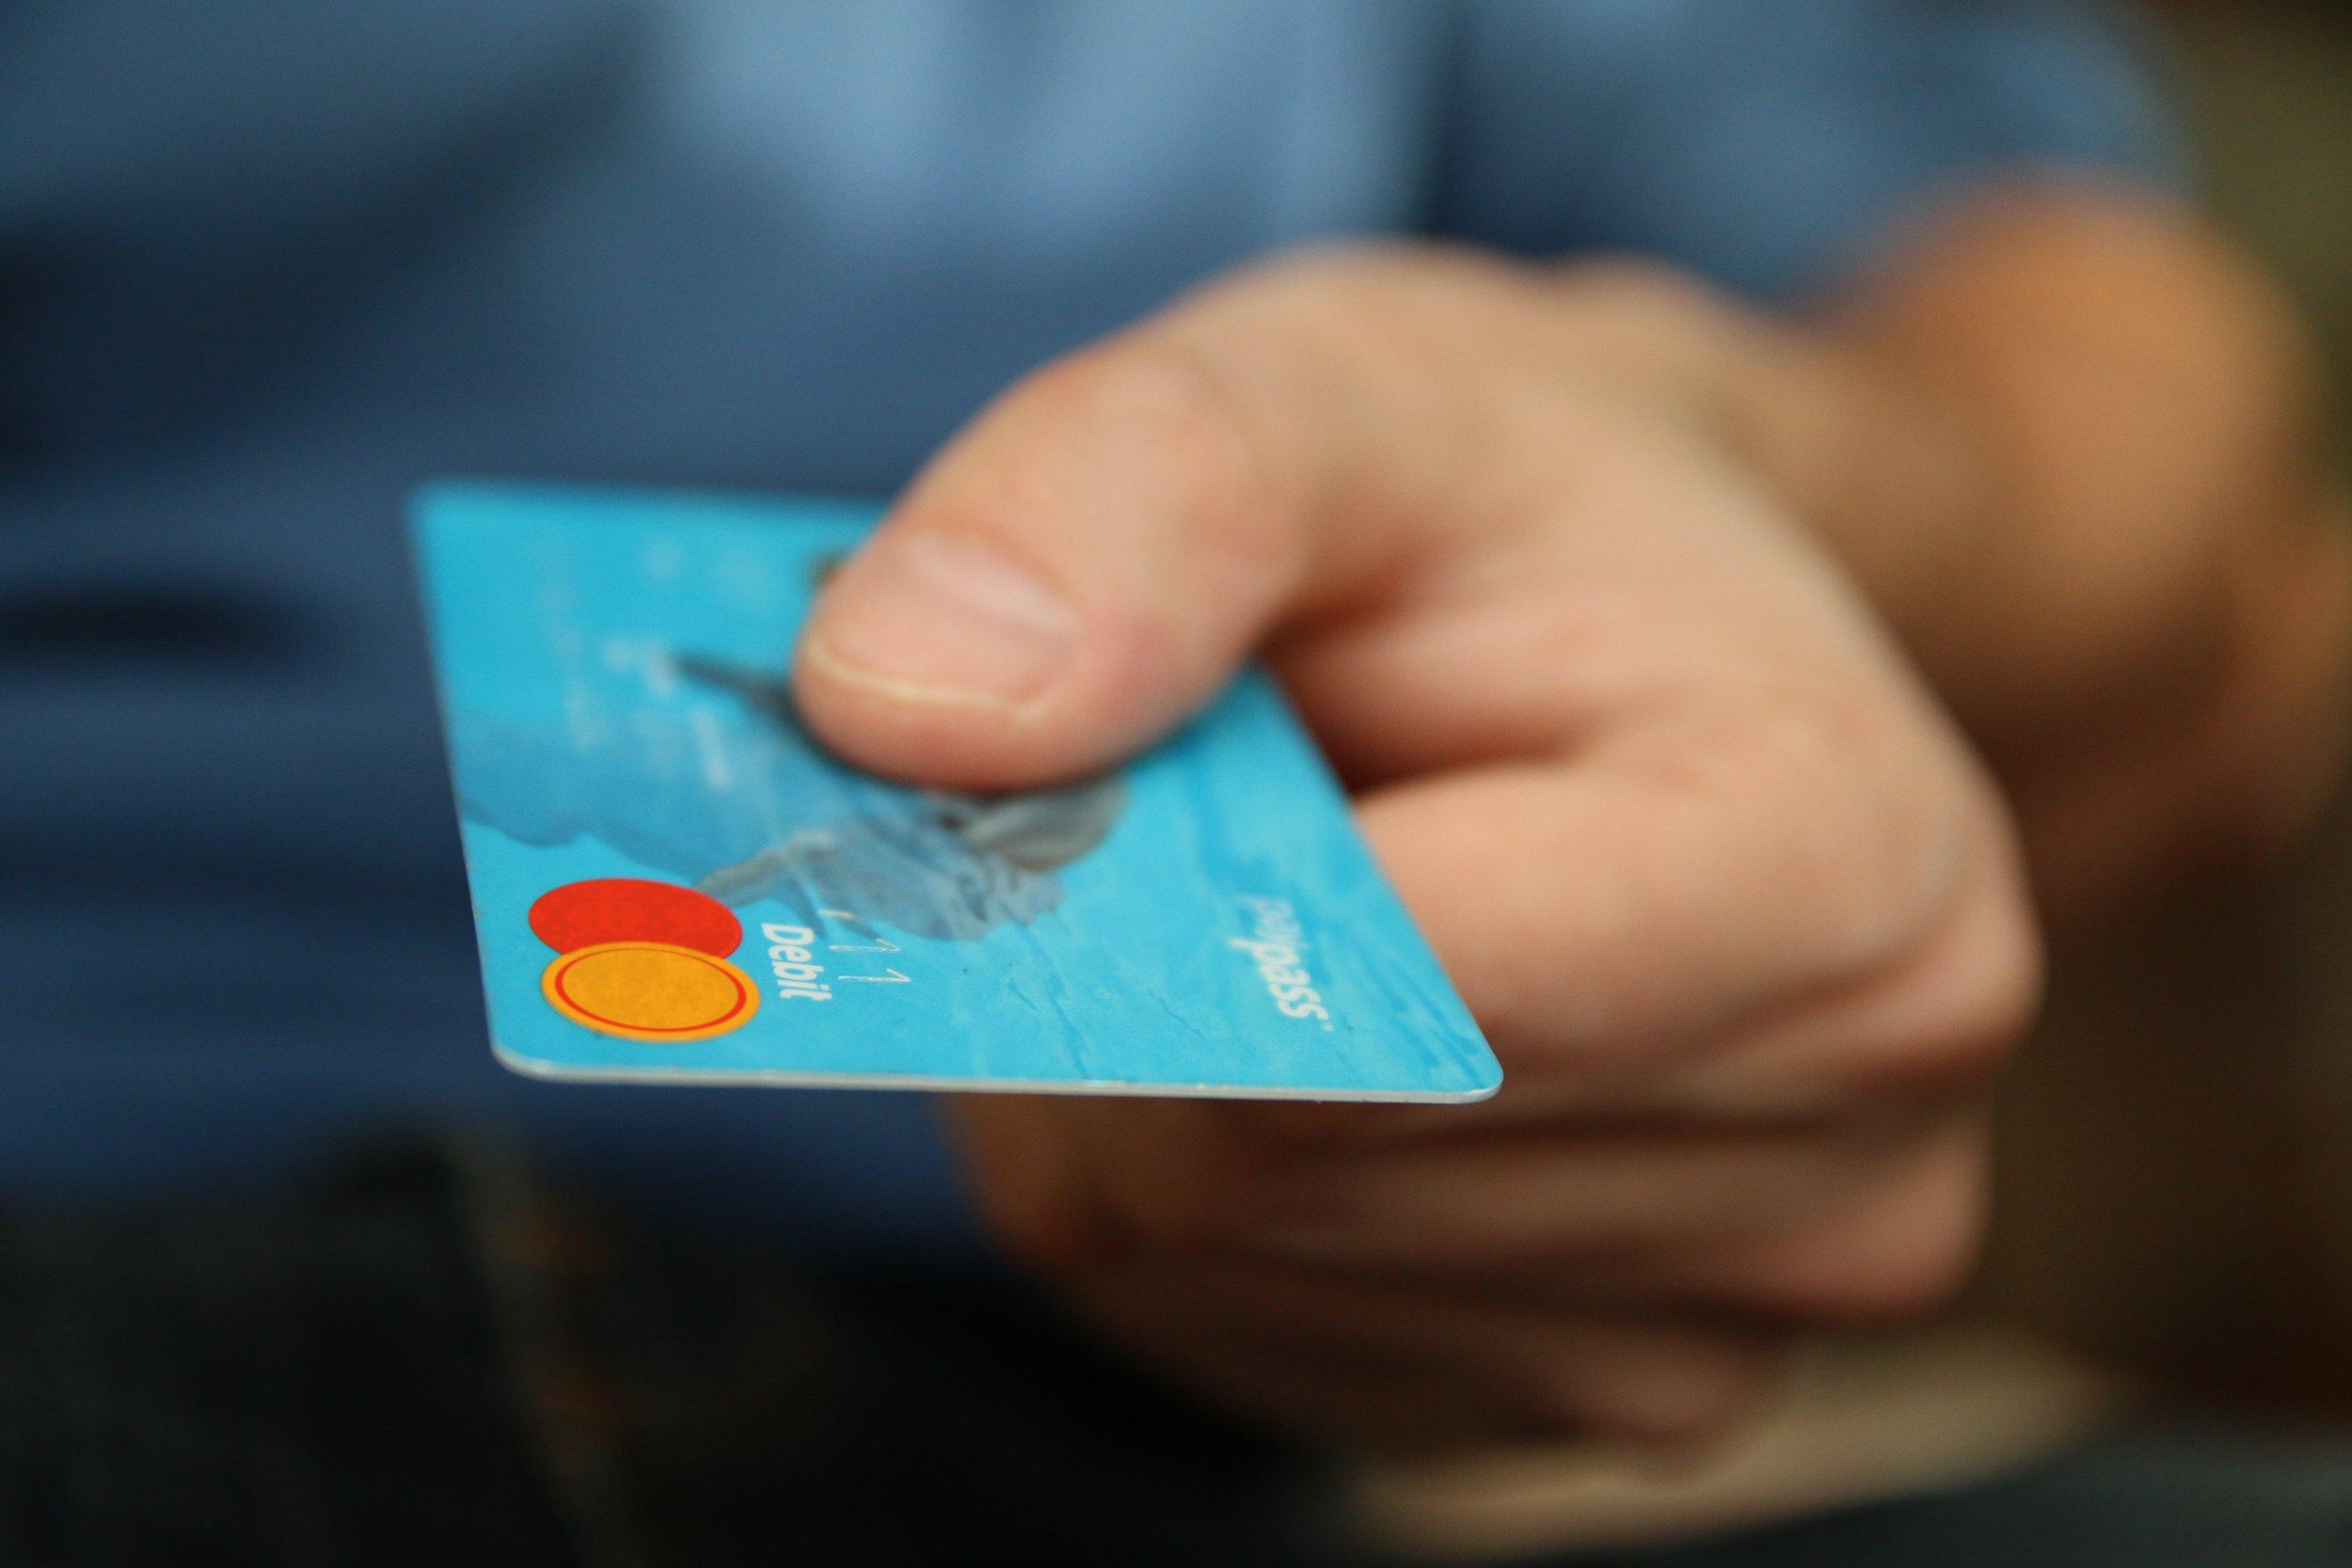 hand-number-finger-money-blue-business-1109918-pxhere.com (1).jpg